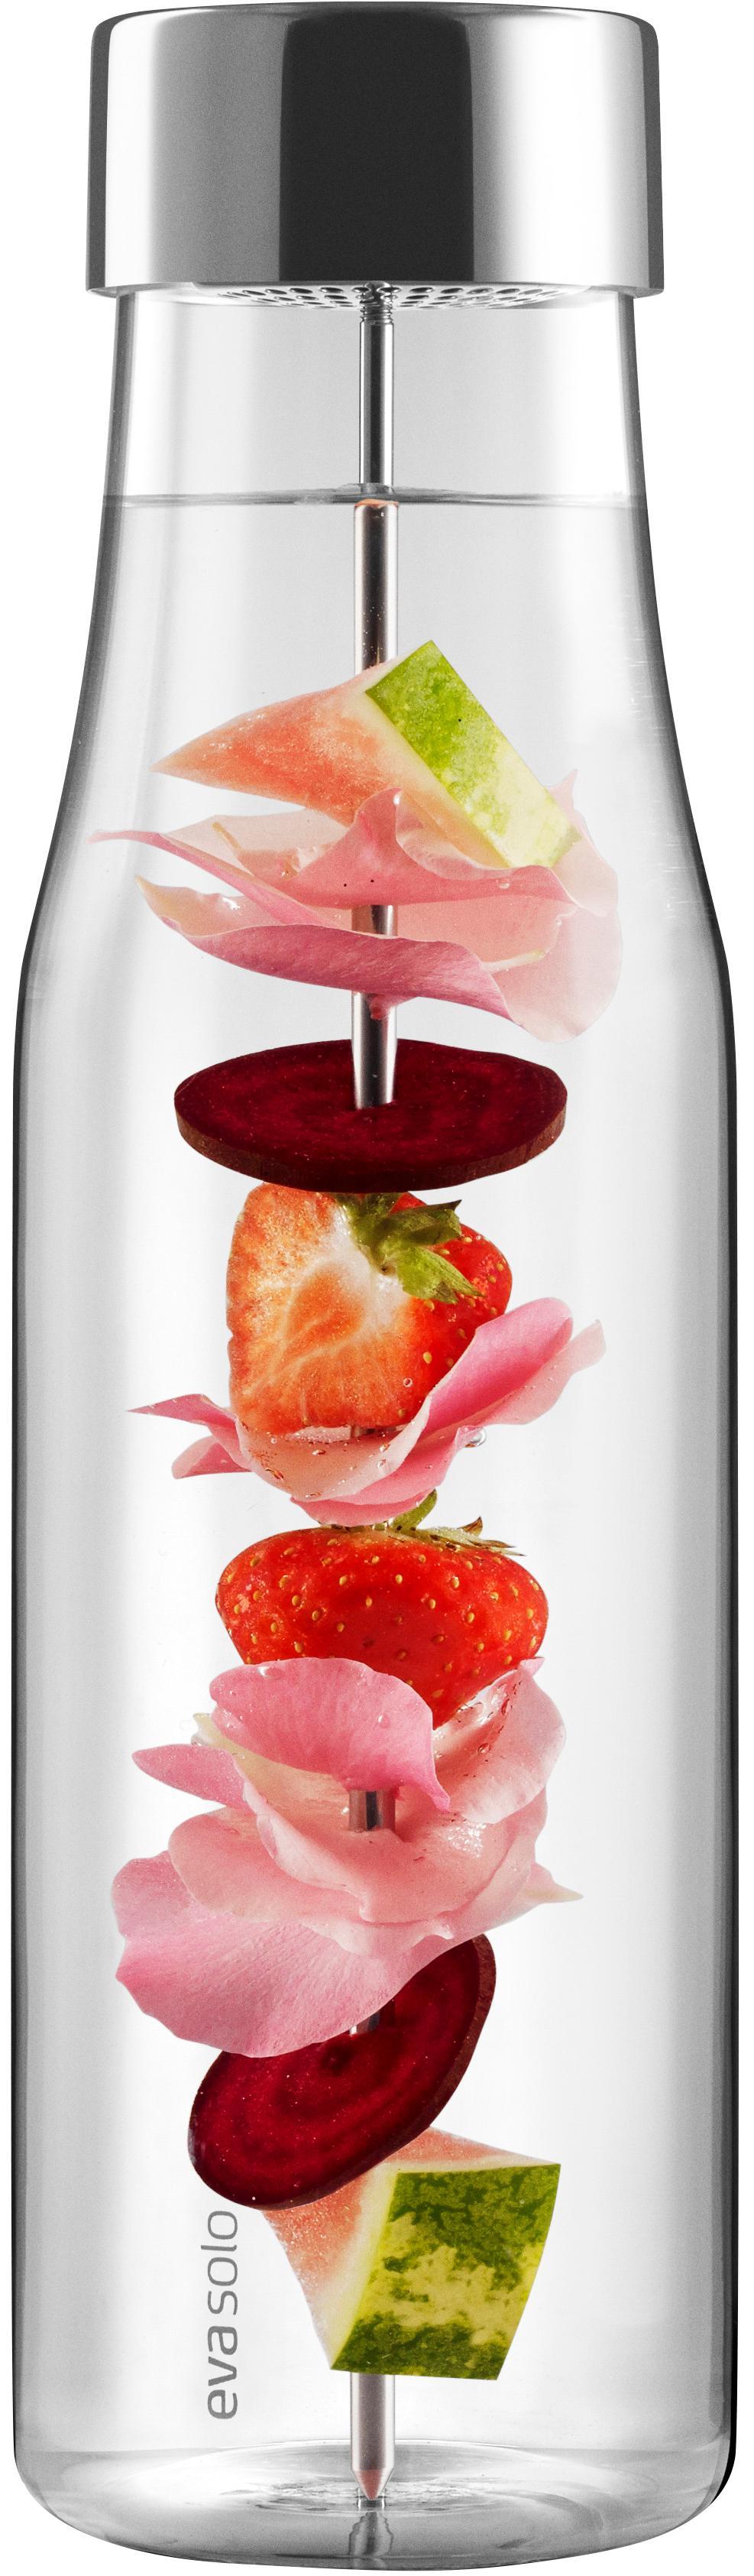 Bottiglia in vetro My Flavour, Coperchio: acciaio inossidabile, sil, Caraffa: trasparente Coperchio e spiedino: acciaio inossidabile, 1 l